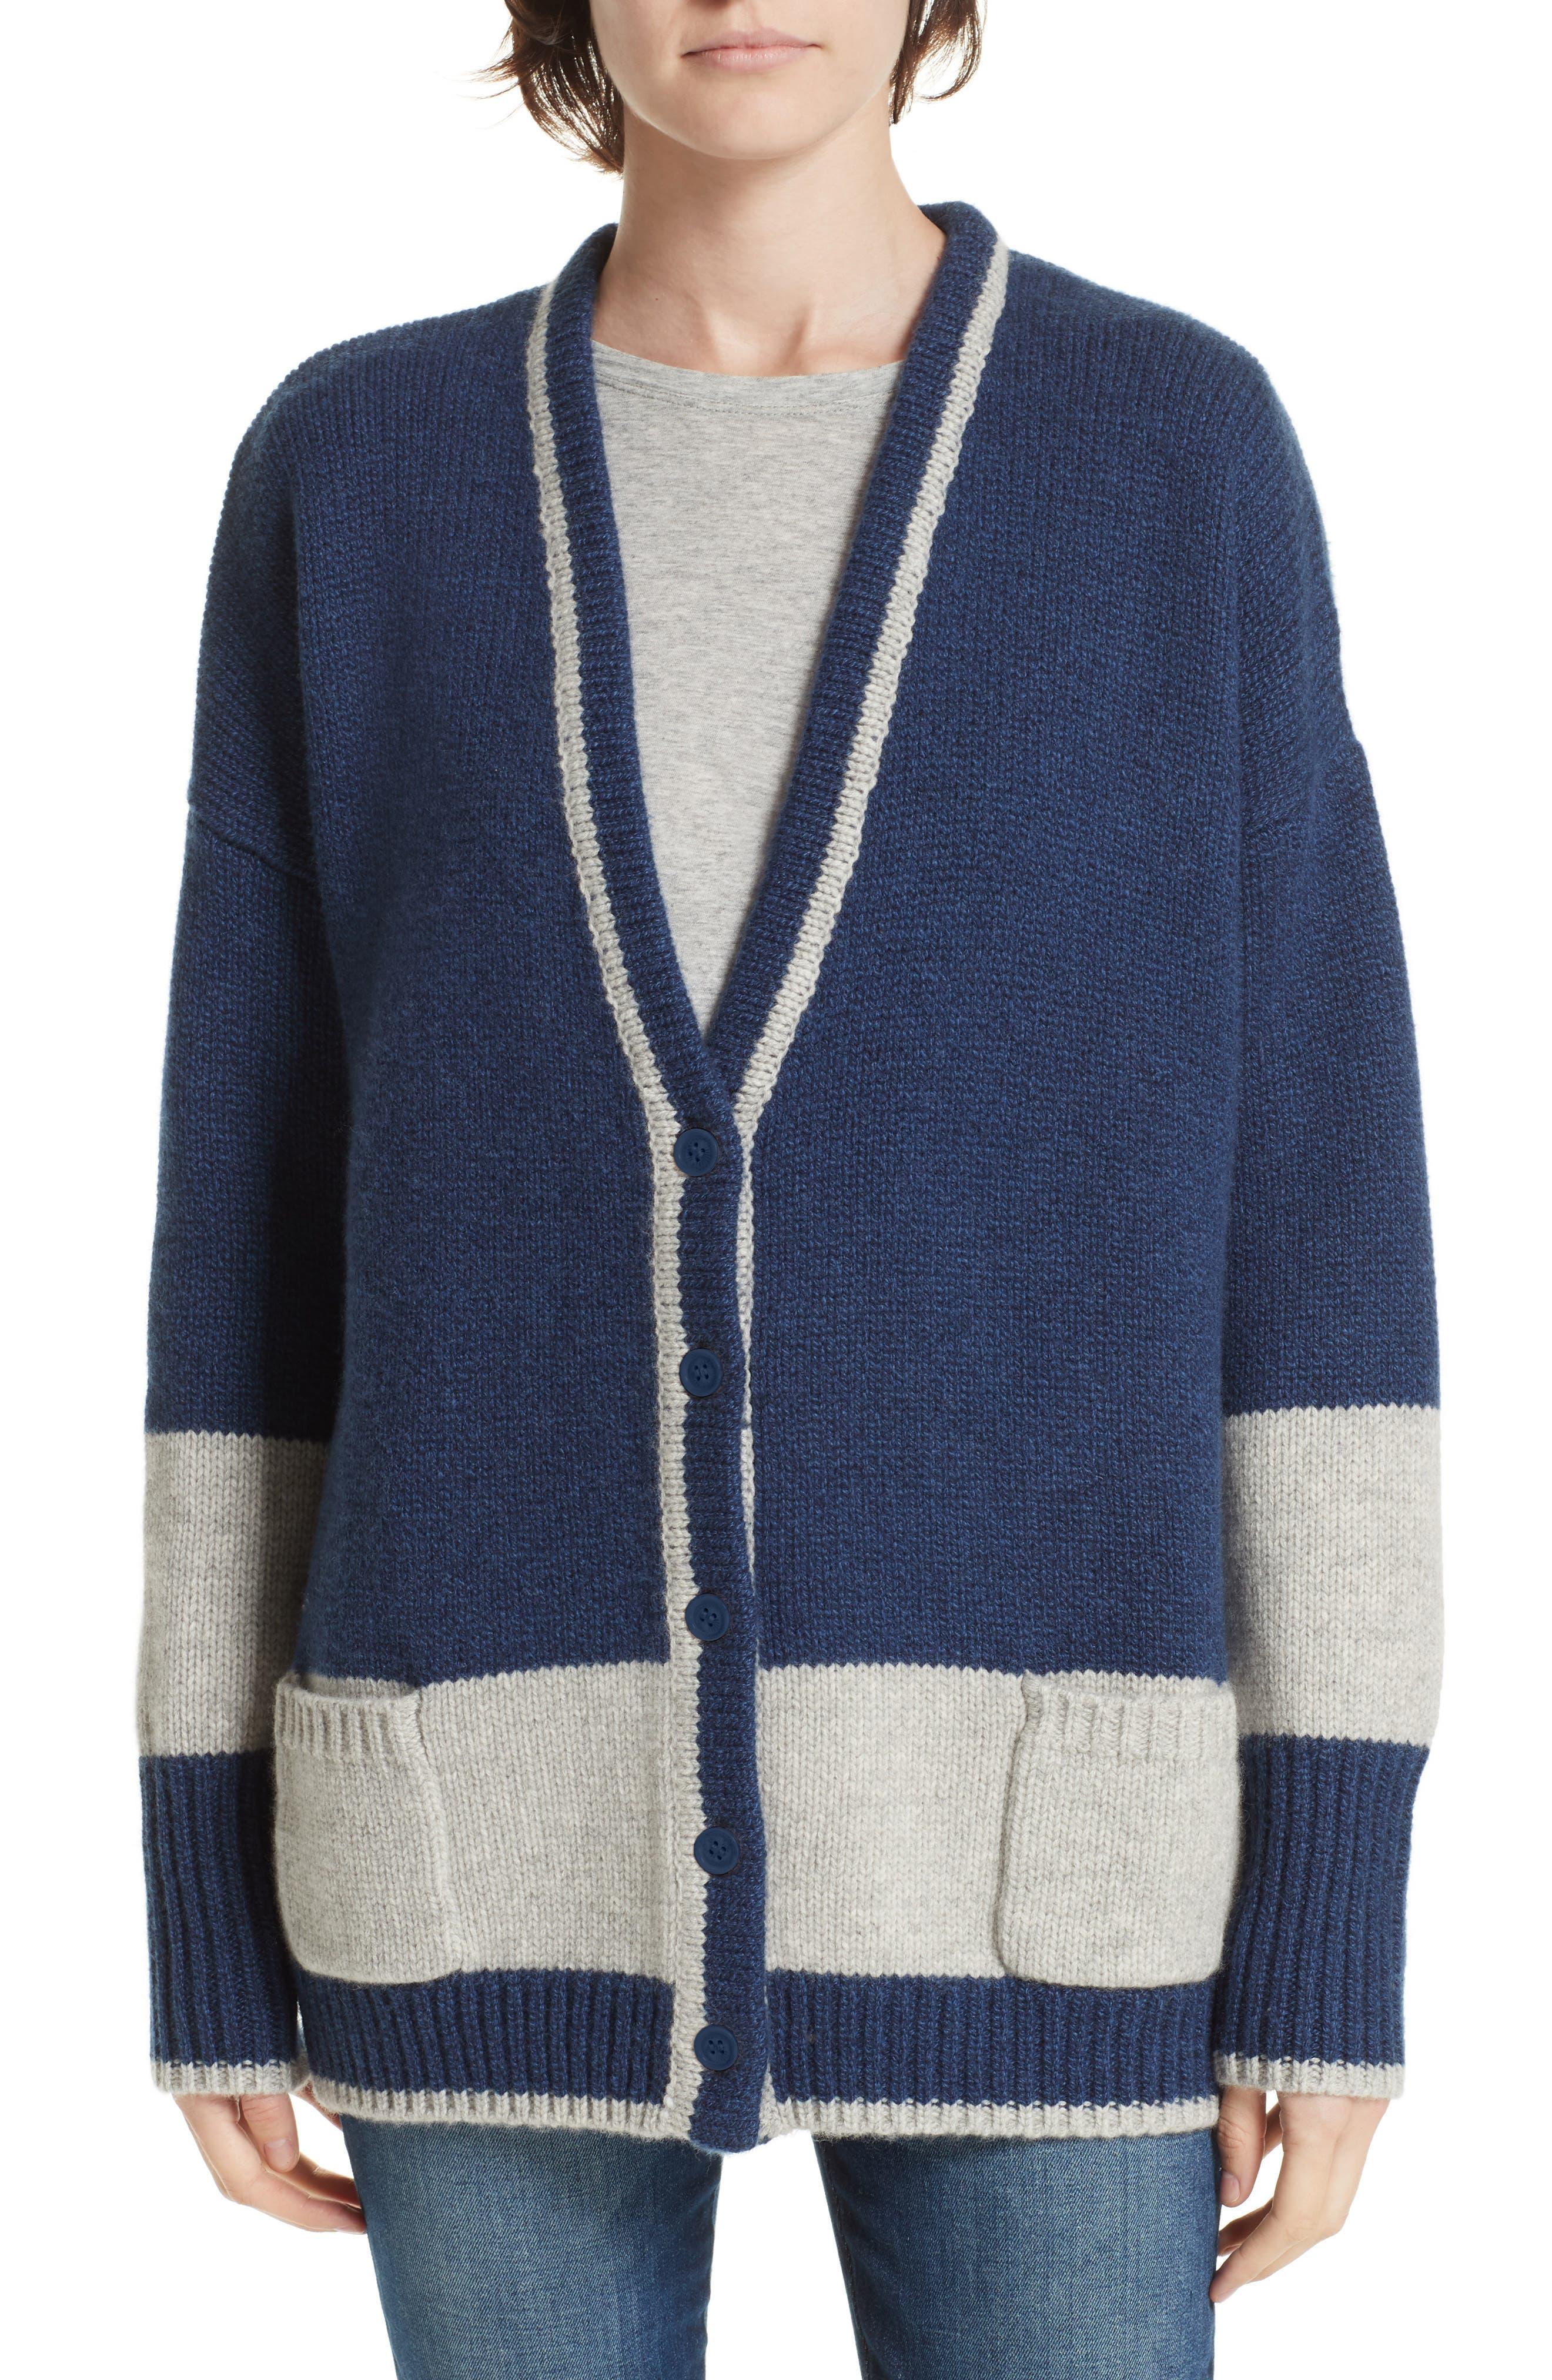 LA LIGNE Martha Wool & Cashmere Cardigan in Blue Marle/ Grey Marle/ Cream